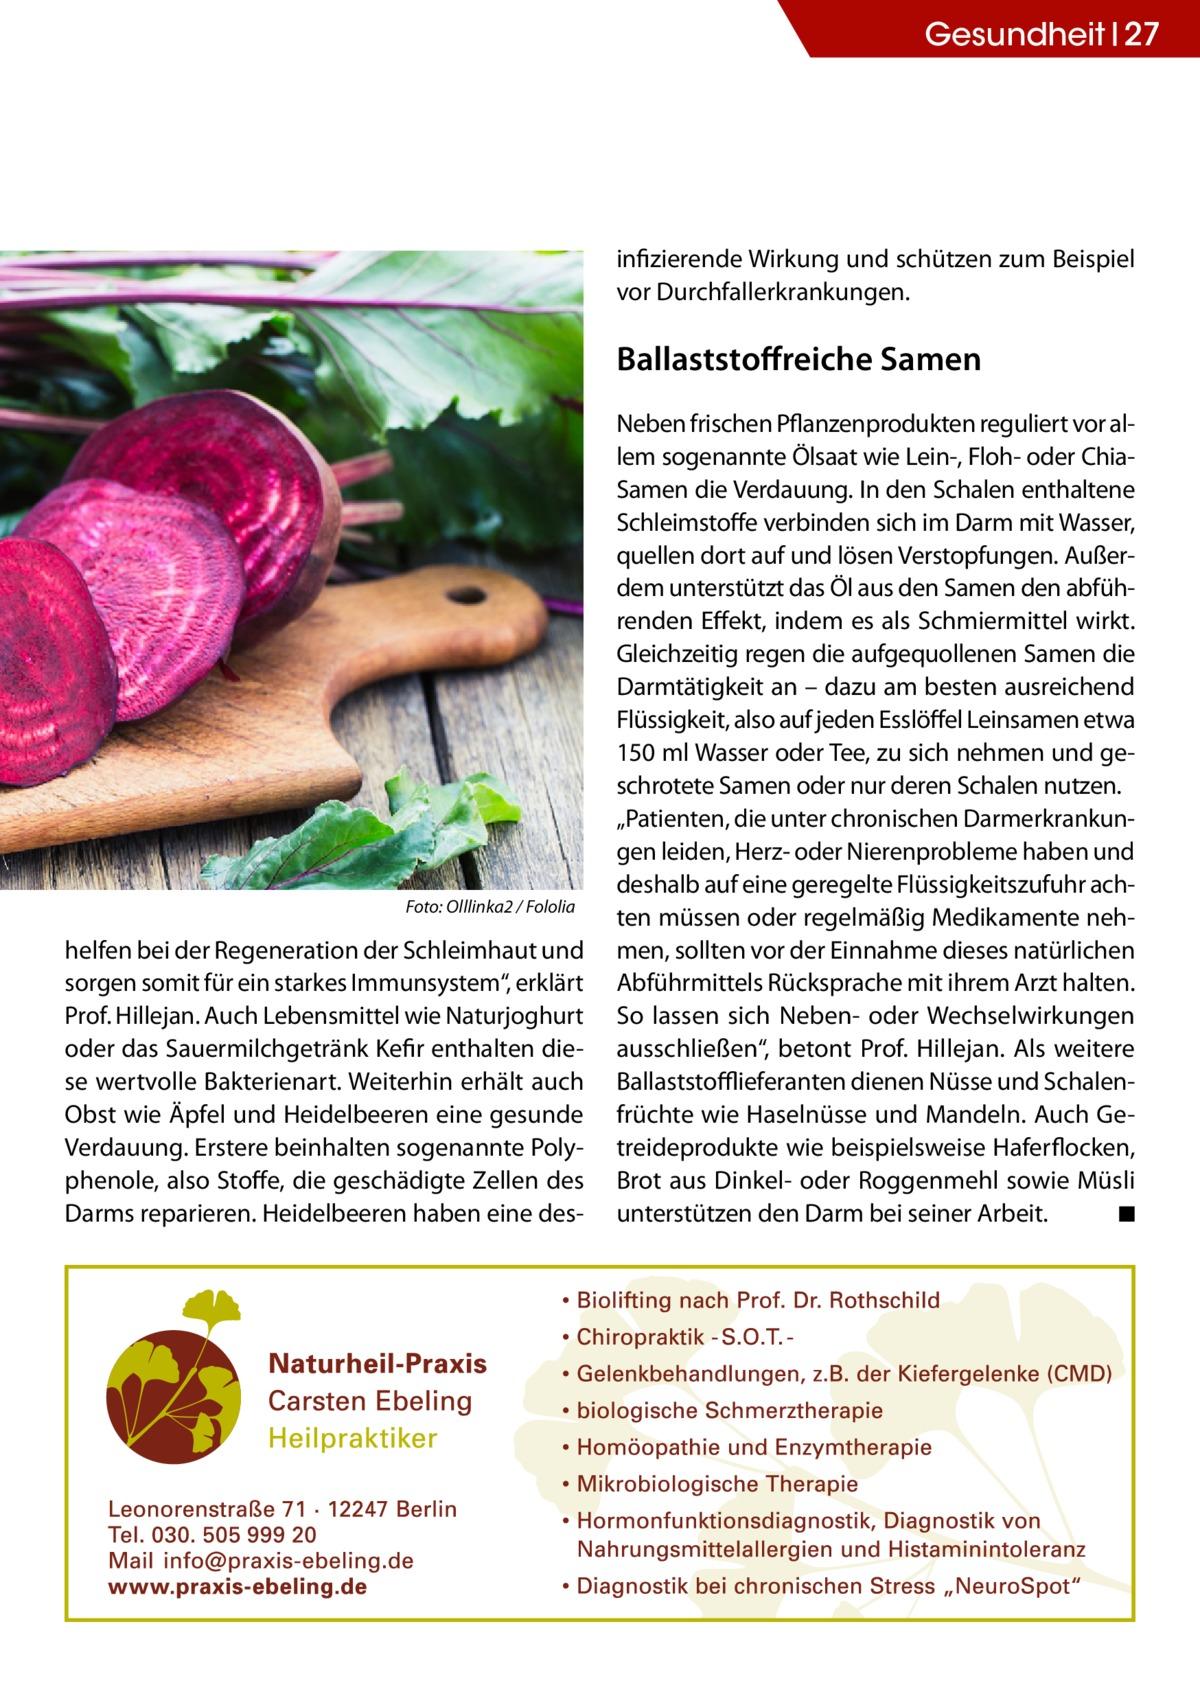 """Gesundheit 27  infizierende Wirkung und schützen zum Beispiel vor Durchfallerkrankungen.  Ballaststoffreiche Samen  Foto: Olllinka2 / Fololia  helfen bei der Regeneration der Schleimhaut und sorgen somit für ein starkes Immunsystem"""", erklärt Prof.Hillejan. Auch Lebensmittel wie Naturjoghurt oder das Sauermilchgetränk Kefir enthalten diese wertvolle Bakterienart. Weiterhin erhält auch Obst wie Äpfel und Heidelbeeren eine gesunde Verdauung. Erstere beinhalten sogenannte Polyphenole, also Stoffe, die geschädigte Zellen des Darms reparieren. Heidelbeeren haben eine des Neben frischen Pflanzenprodukten reguliert vor allem sogenannte Ölsaat wie Lein-, Floh- oder ChiaSamen die Verdauung. In den Schalen enthaltene Schleimstoffe verbinden sich im Darm mit Wasser, quellen dort auf und lösen Verstopfungen. Außerdem unterstützt das Öl aus den Samen den abführenden Effekt, indem es als Schmiermittel wirkt. Gleichzeitig regen die aufgequollenen Samen die Darmtätigkeit an – dazu am besten ausreichend Flüssigkeit, also auf jeden Esslöffel Leinsamen etwa 150 ml Wasser oder Tee, zu sich nehmen und geschrotete Samen oder nur deren Schalen nutzen. """"Patienten, die unter chronischen Darmerkrankungen leiden, Herz- oder Nierenprobleme haben und deshalb auf eine geregelte Flüssigkeitszufuhr achten müssen oder regelmäßig Medikamente nehmen, sollten vor der Einnahme dieses natürlichen Abführmittels Rücksprache mit ihrem Arzt halten. So lassen sich Neben- oder Wechselwirkungen ausschließen"""", betont Prof.Hillejan. Als weitere Ballaststofflieferanten dienen Nüsse und Schalenfrüchte wie Haselnüsse und Mandeln. Auch Getreideprodukte wie beispielsweise Haferflocken, Brot aus Dinkel- oder Roggenmehl sowie Müsli unterstützen den Darm bei seiner Arbeit.� ◾"""